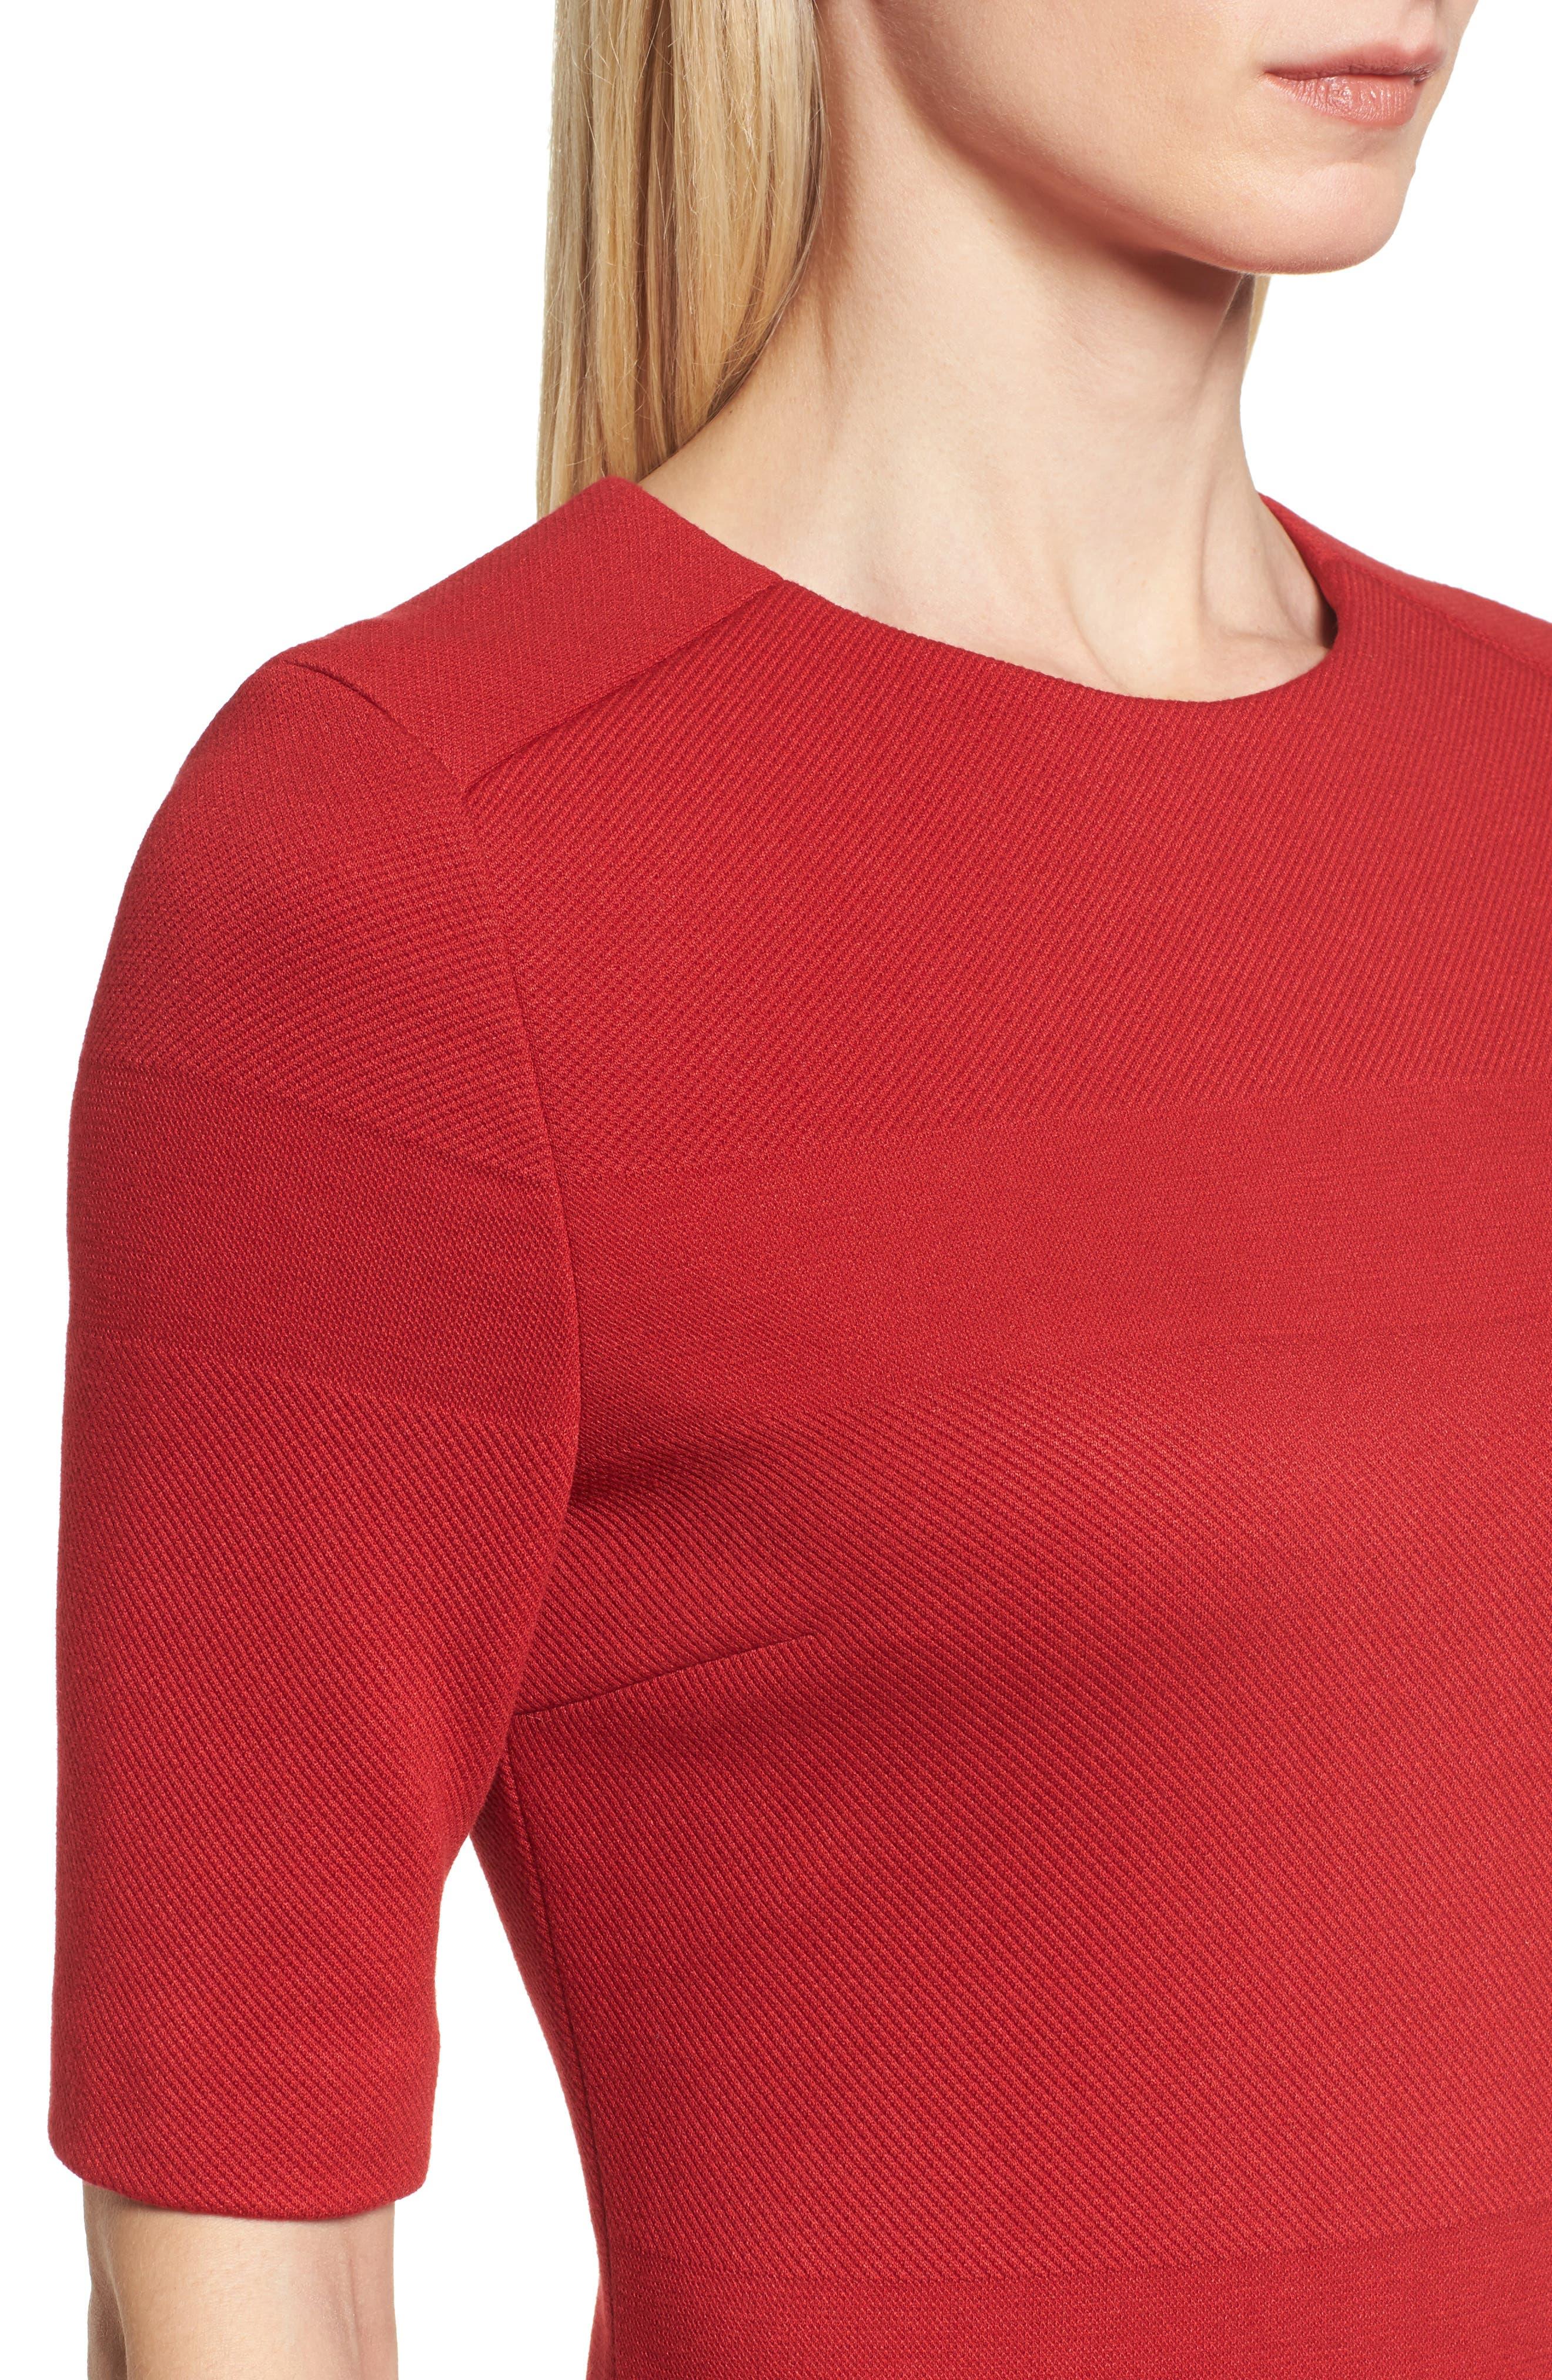 Hibela Tonal Stripe Dress,                             Alternate thumbnail 4, color,                             603